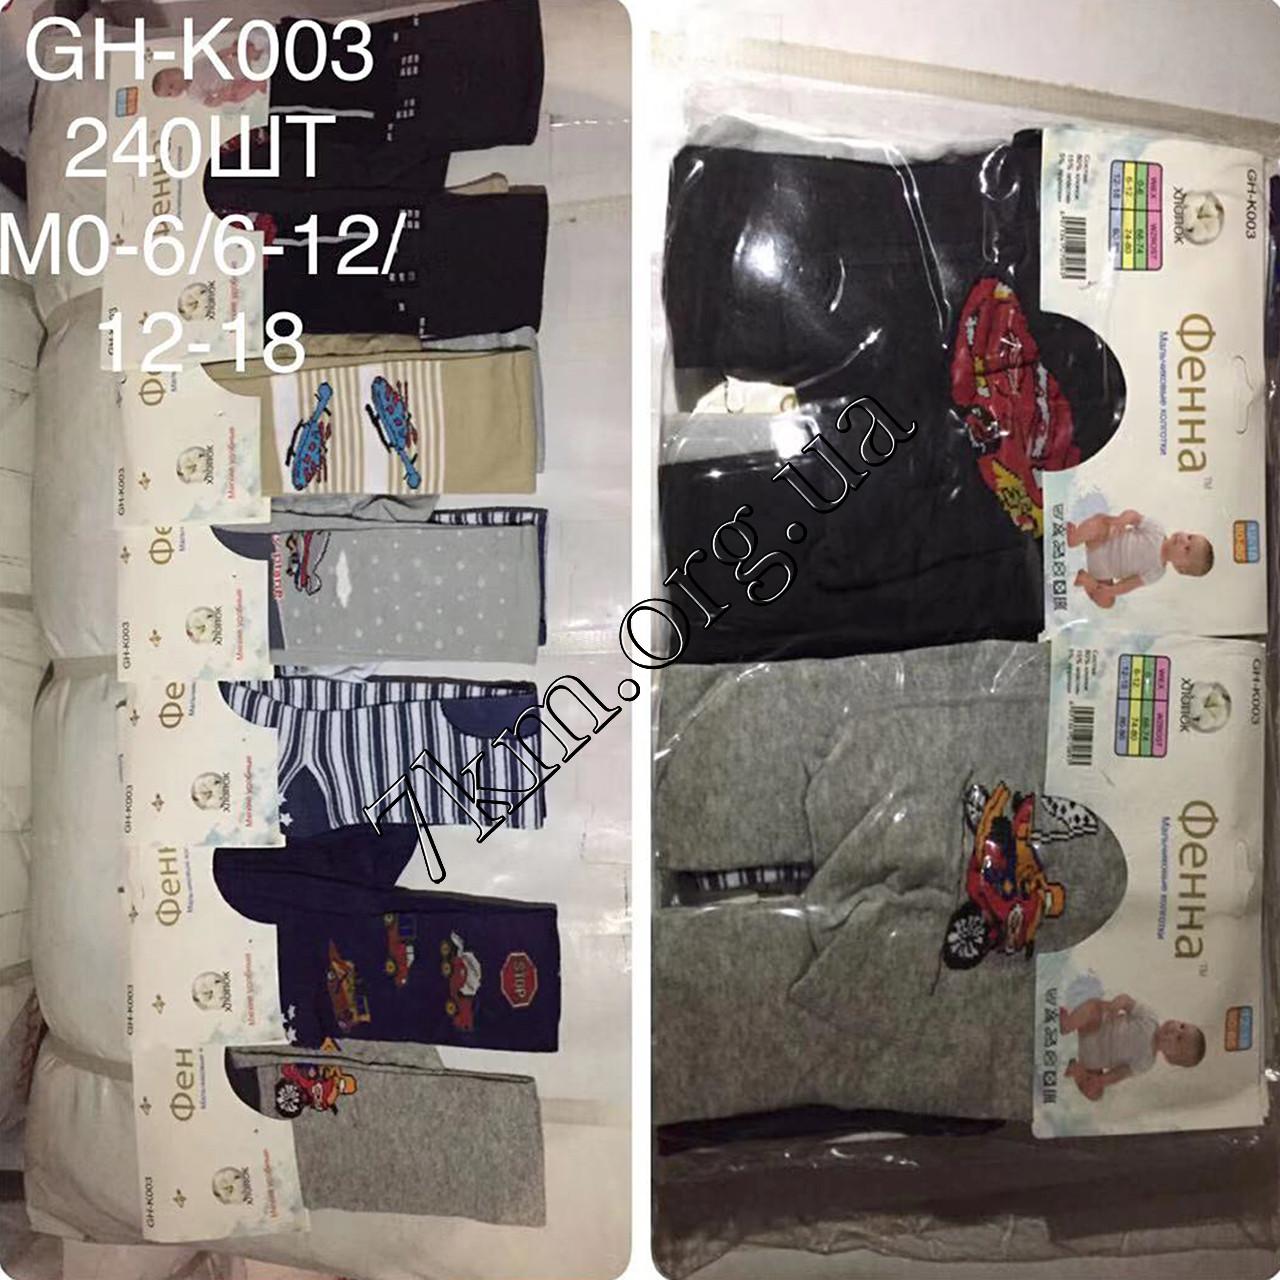 Колготки детские оптом для мальчиков Фенна хлопок 0-18 месяцев Китай GH-K003